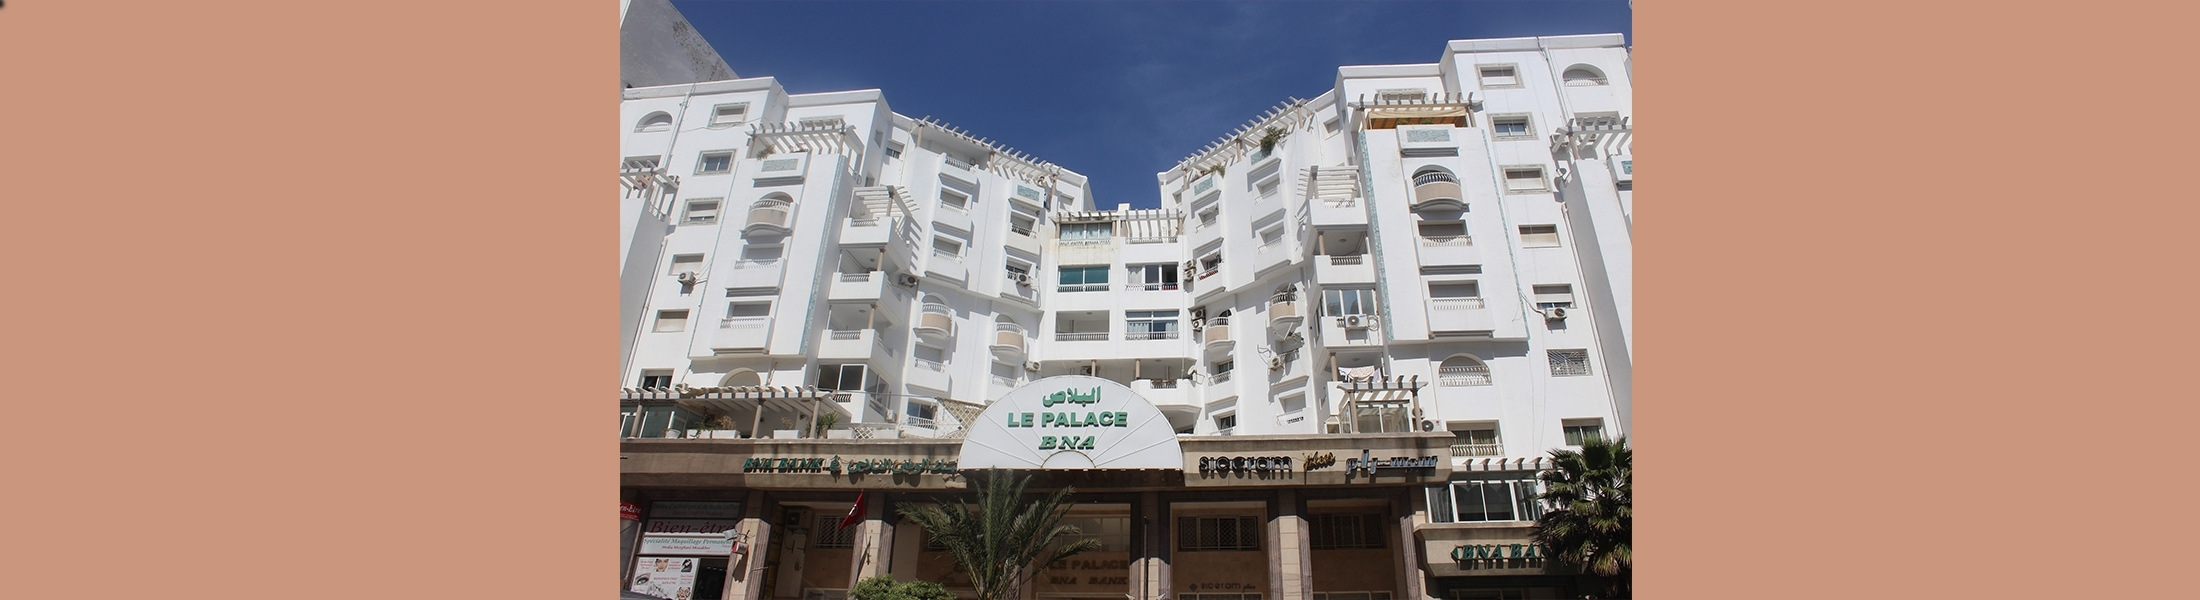 الشقة الفة 2 - حي النصر 2 (طلب العروض عدد 03 لسنة 2021)